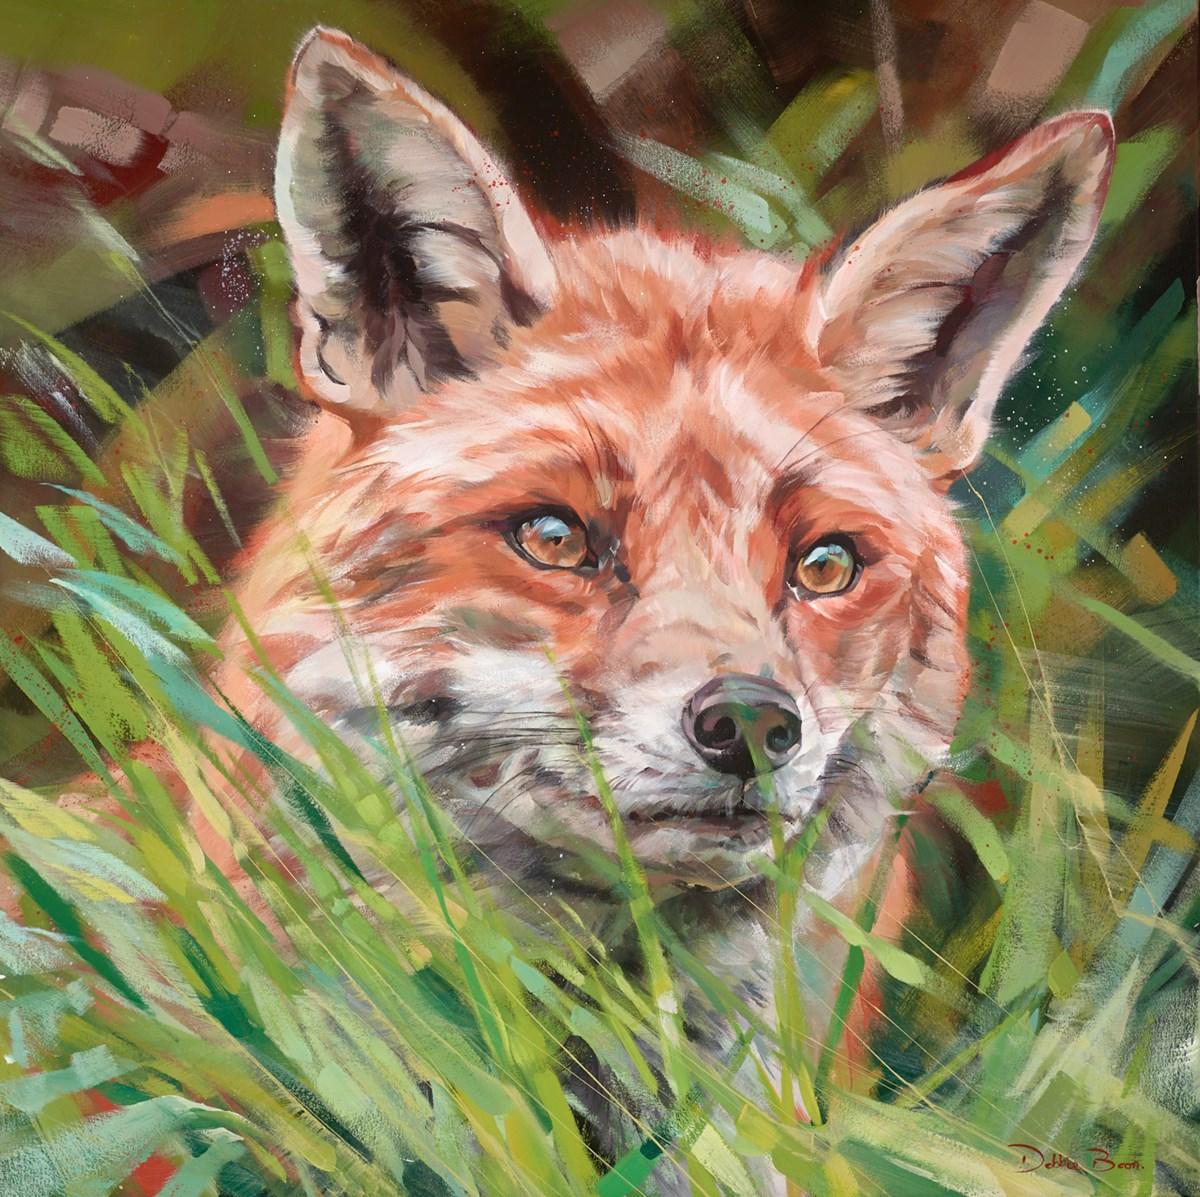 https://I1265322170.artbookresources.co.uk/Products/9367622/Image